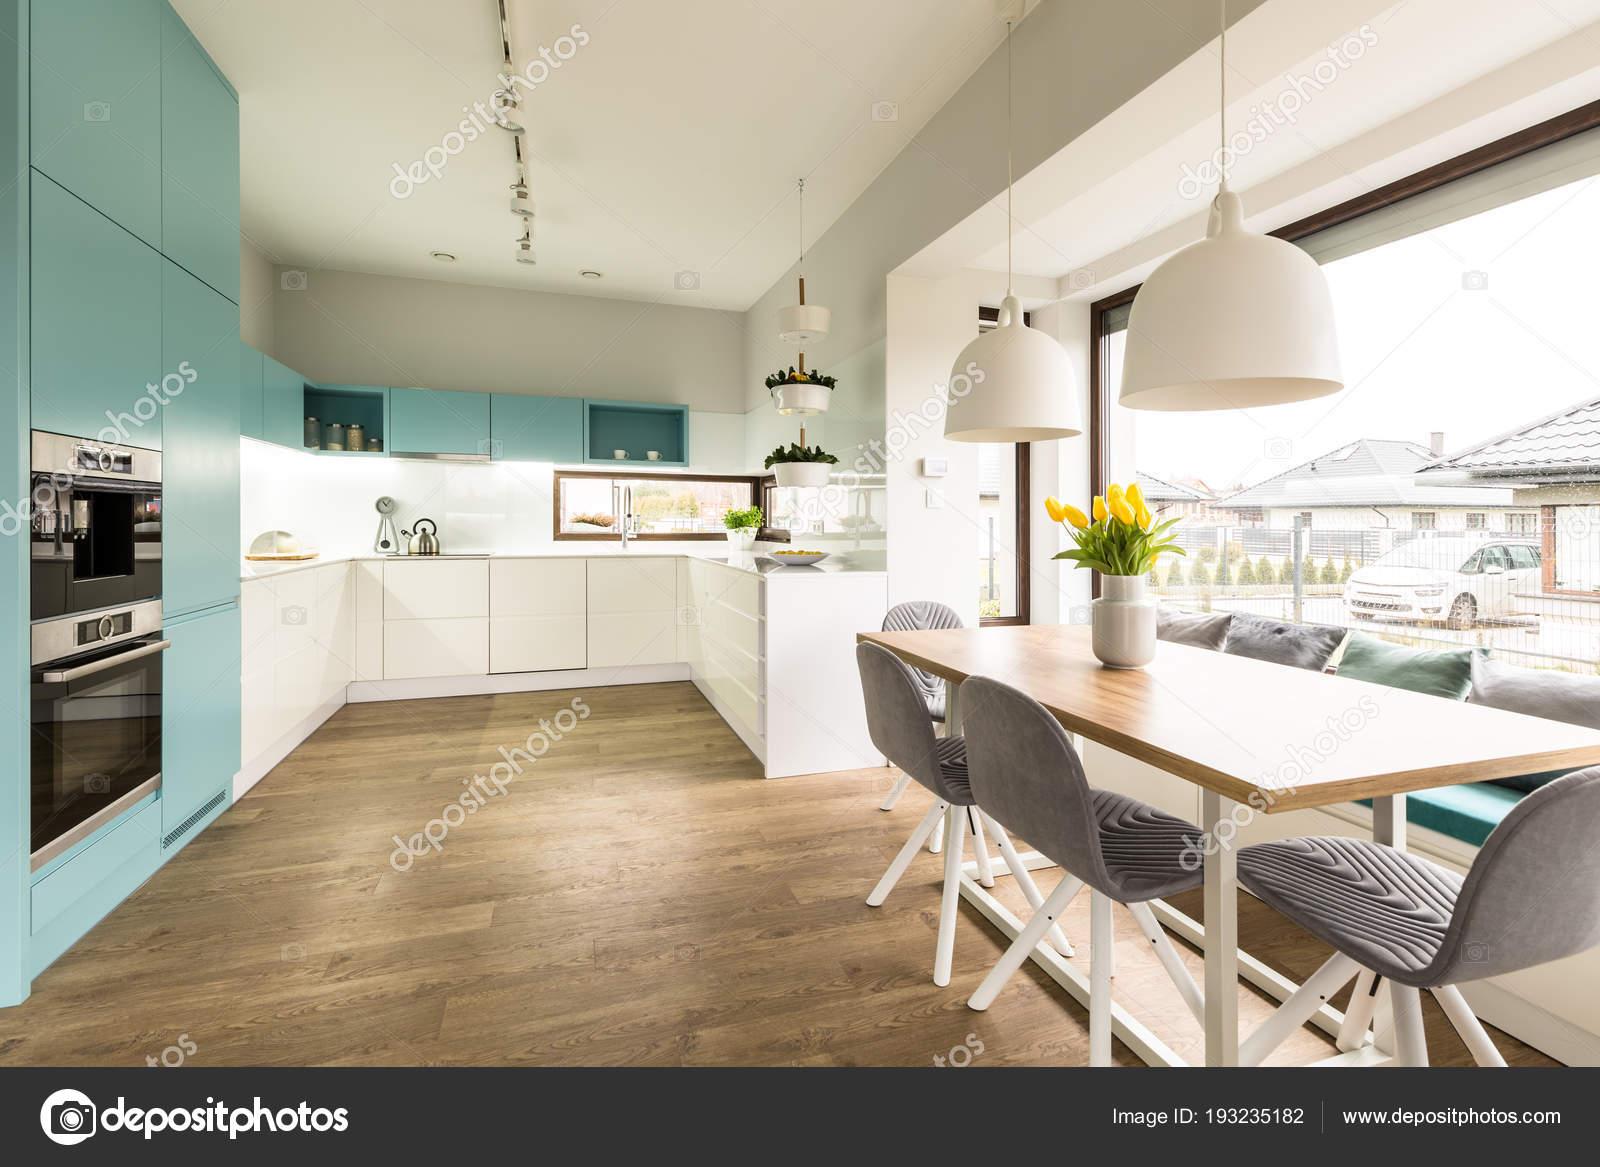 Weiße Und Blaue Küche Interieur Mit Großem Esstisch Stühle